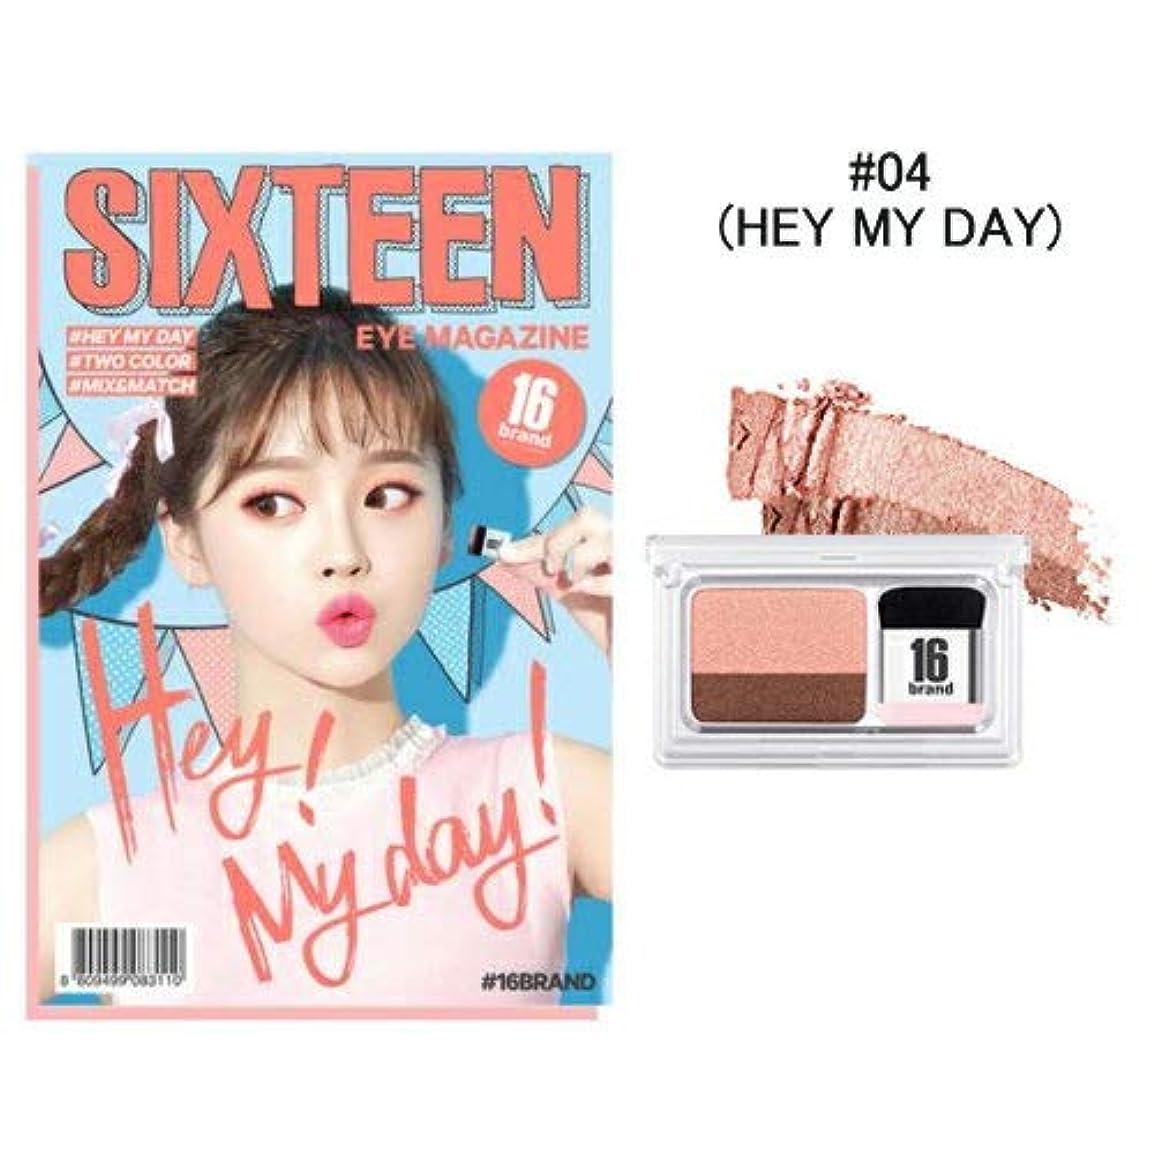 アクチュエータ時刻表司書[New Color] 16brand Sixteen Eye Magazine 2g /16ブランド シックスティーン アイ マガジン 2g (#04 HEY MY DAY) [並行輸入品]